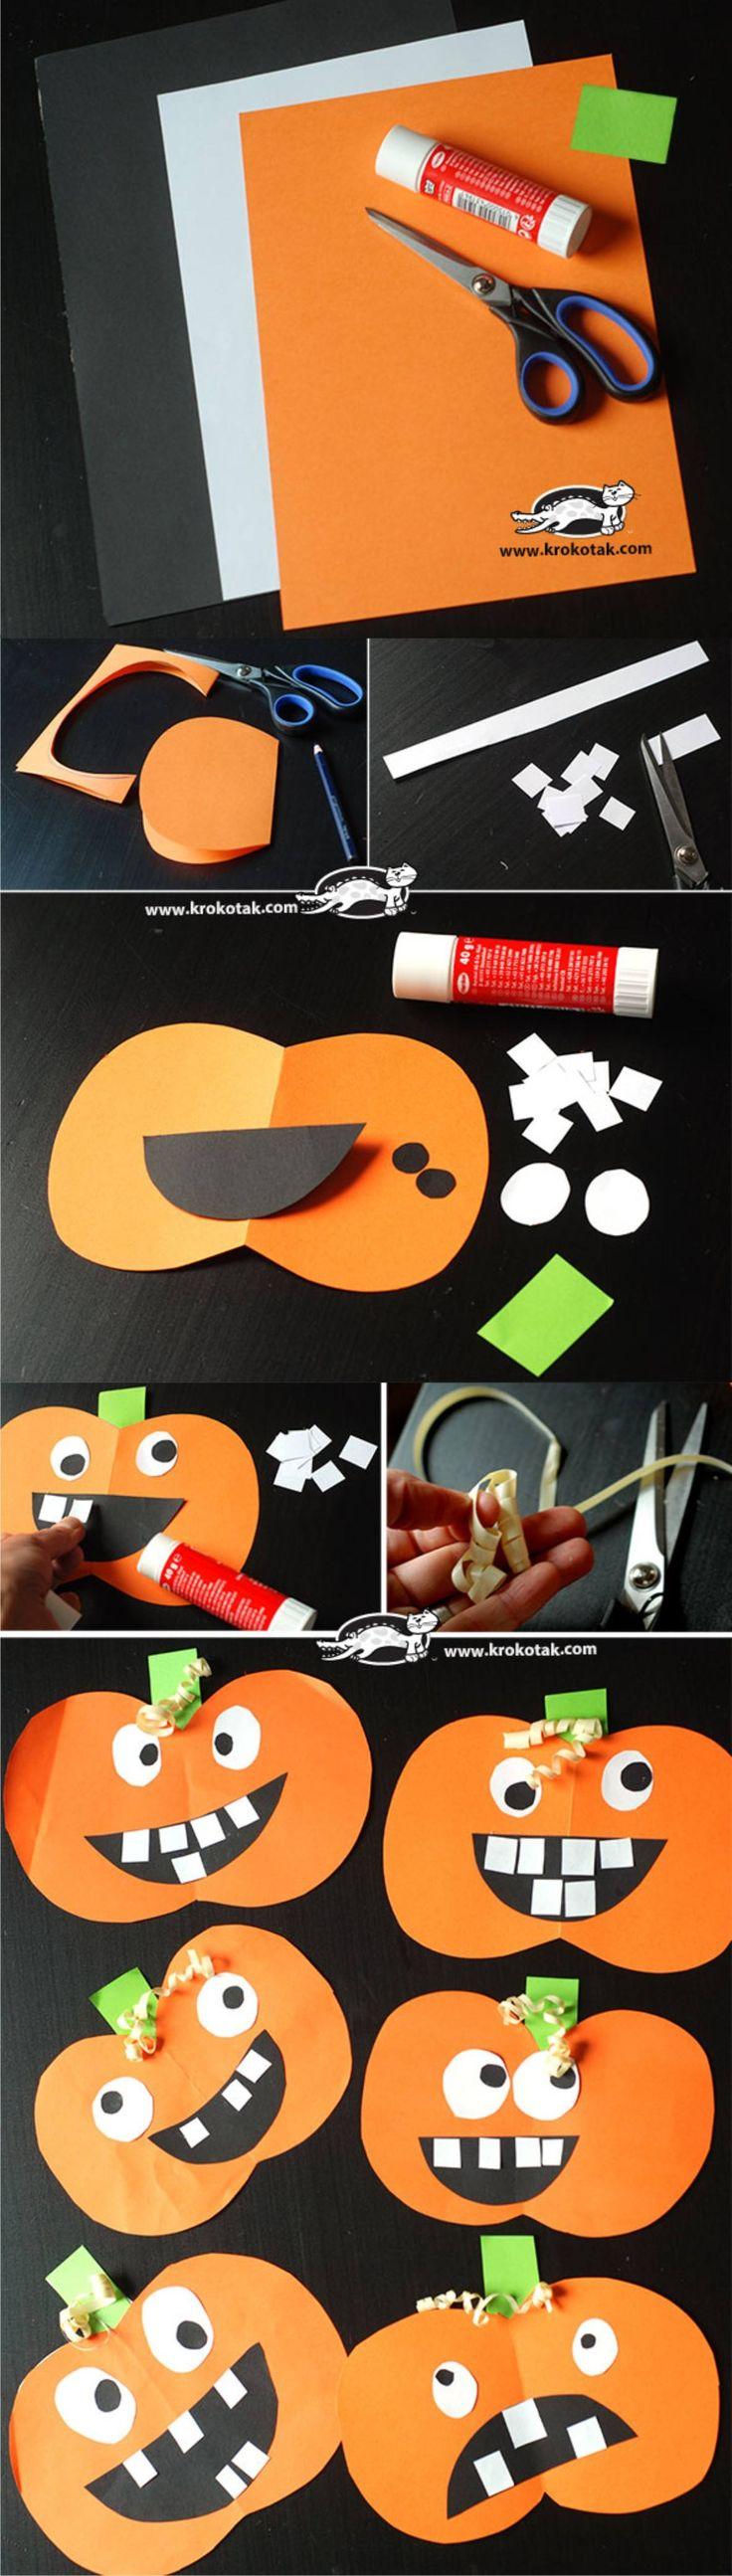 Decoración para Halloween - Vía krokotak.com